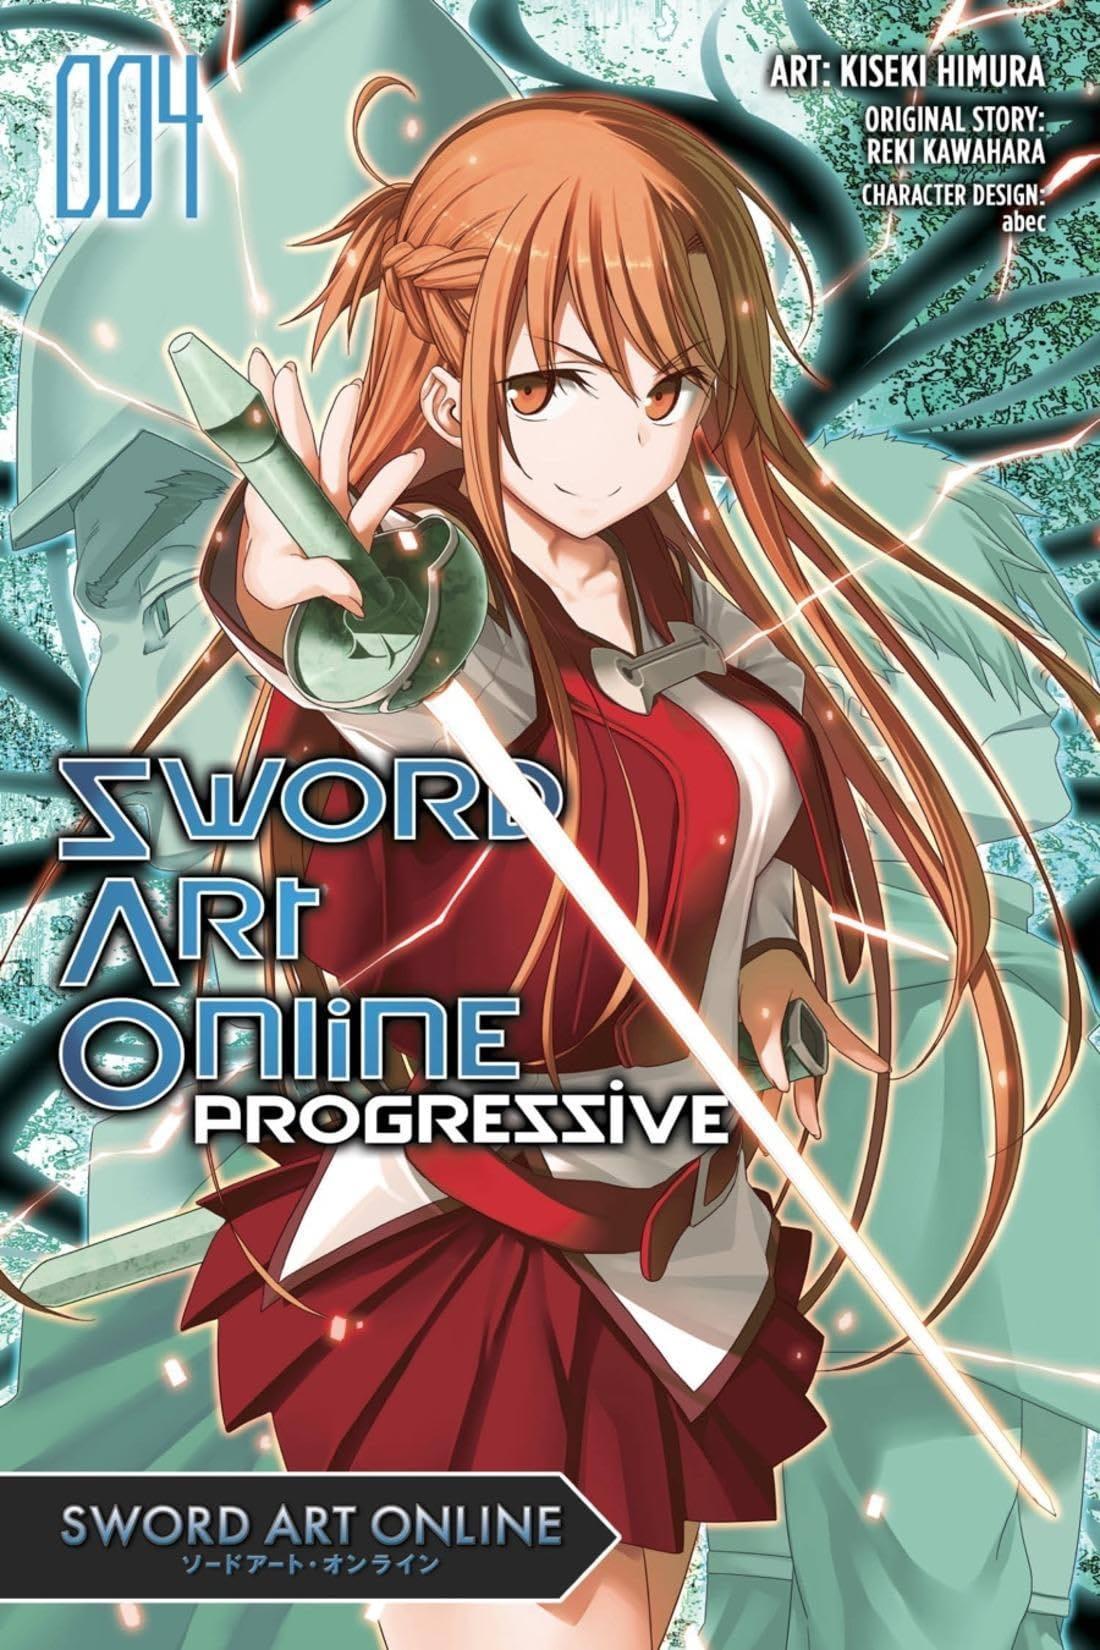 Sword Art Online Progressive Vol 4 Comics By Comixology